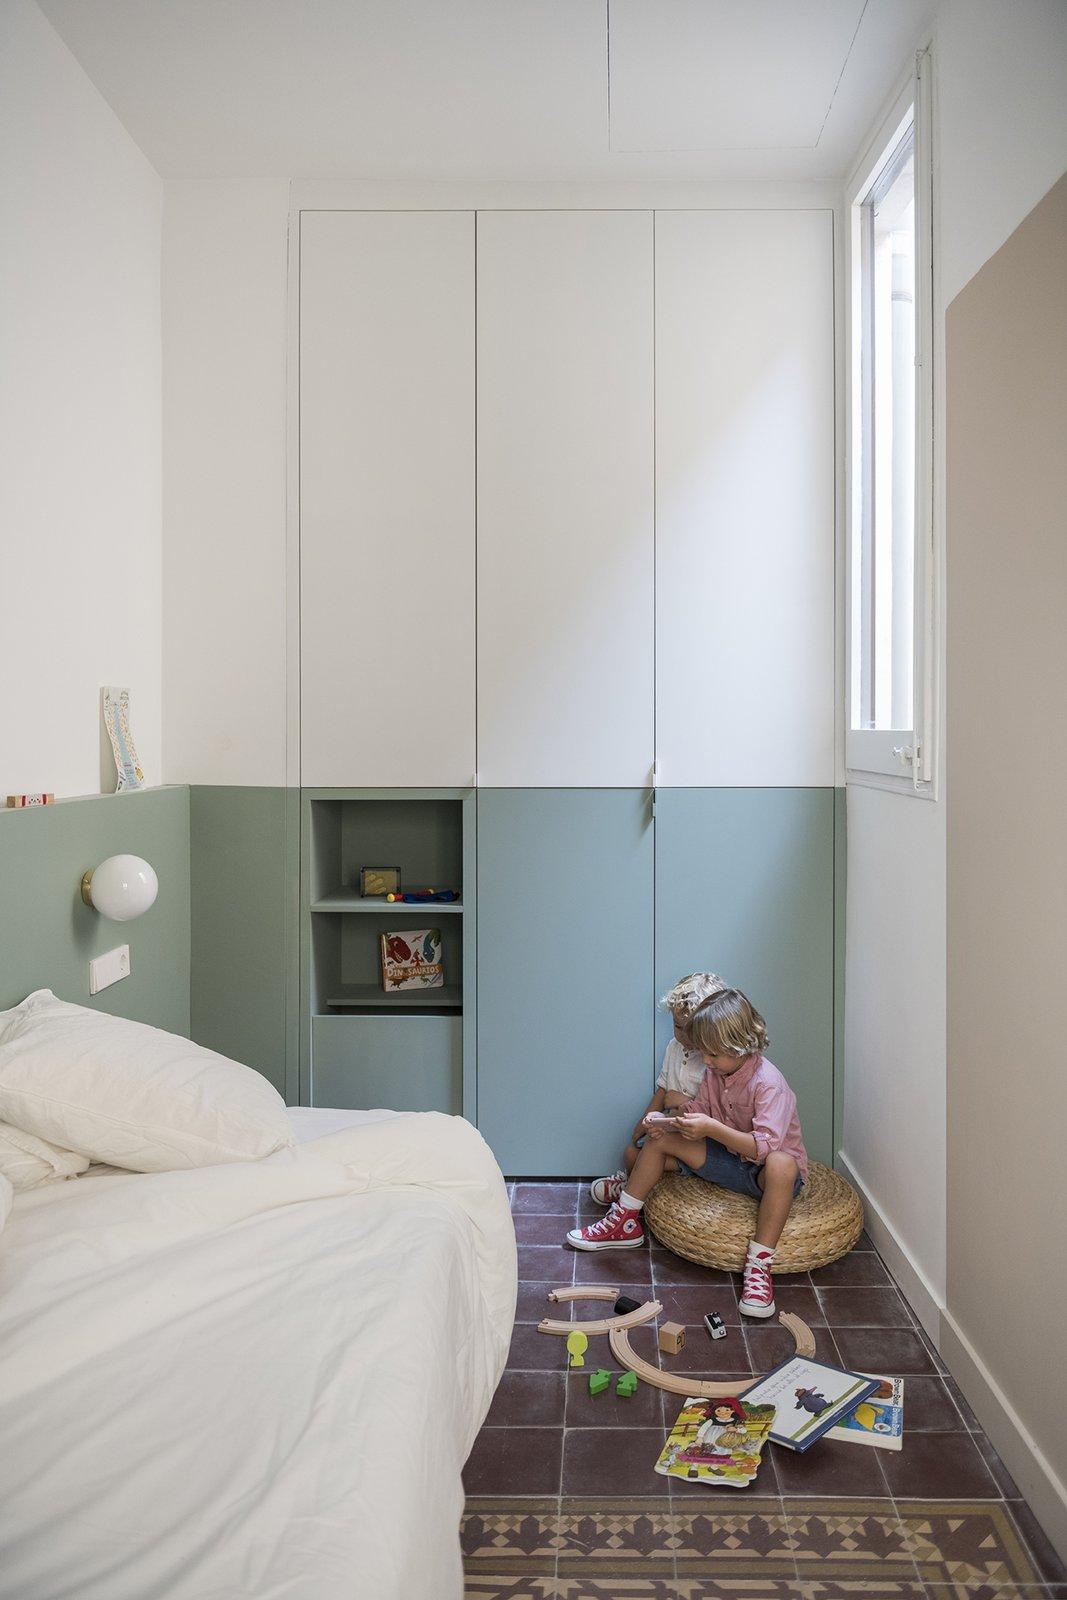 Klinker Apartment CaSA children's bedroom